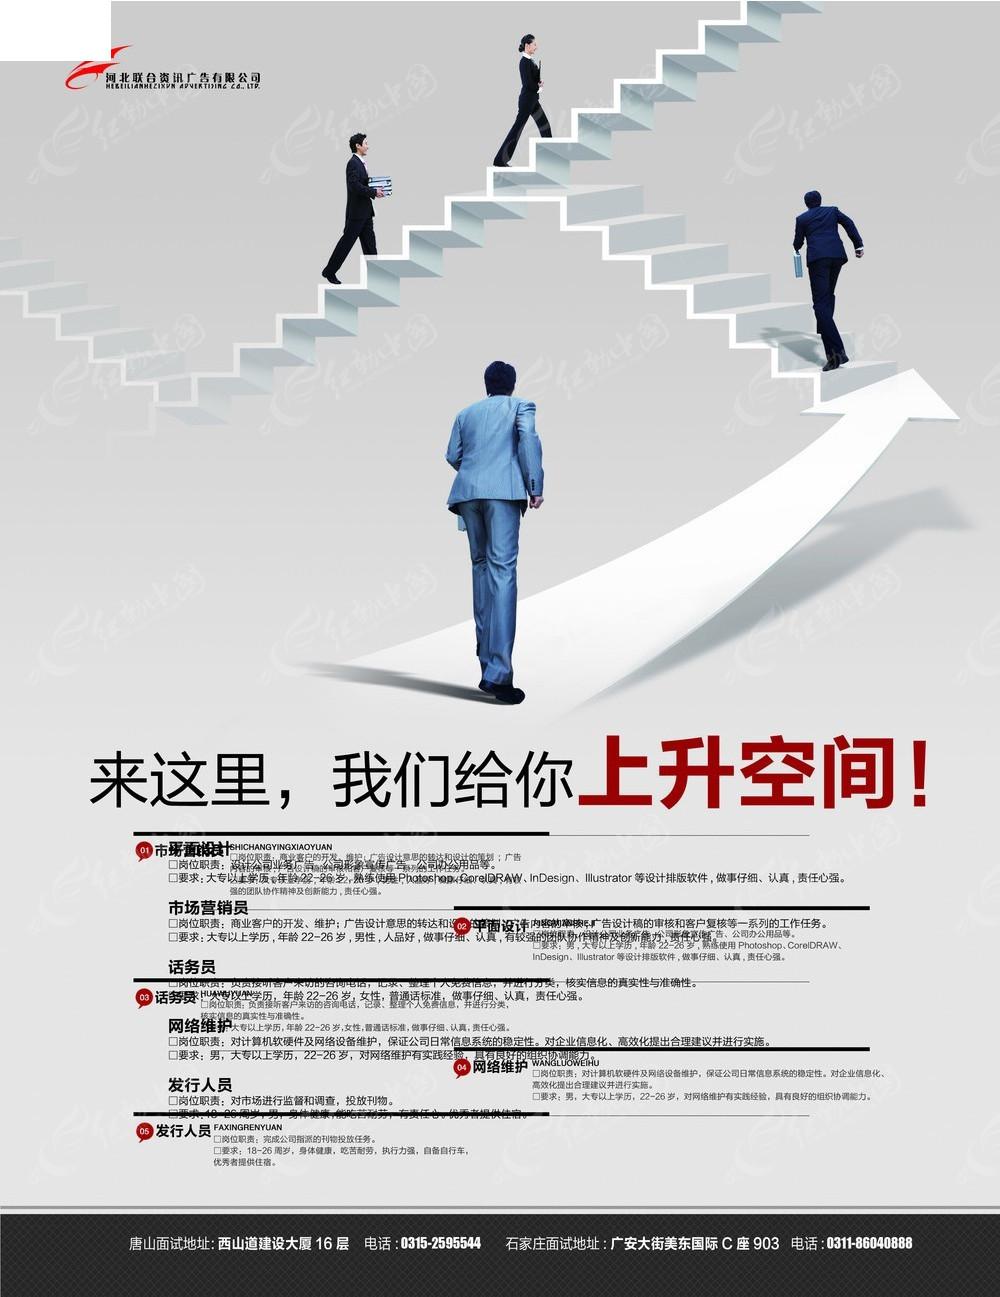 企业创意招聘海报psd免费下载图片